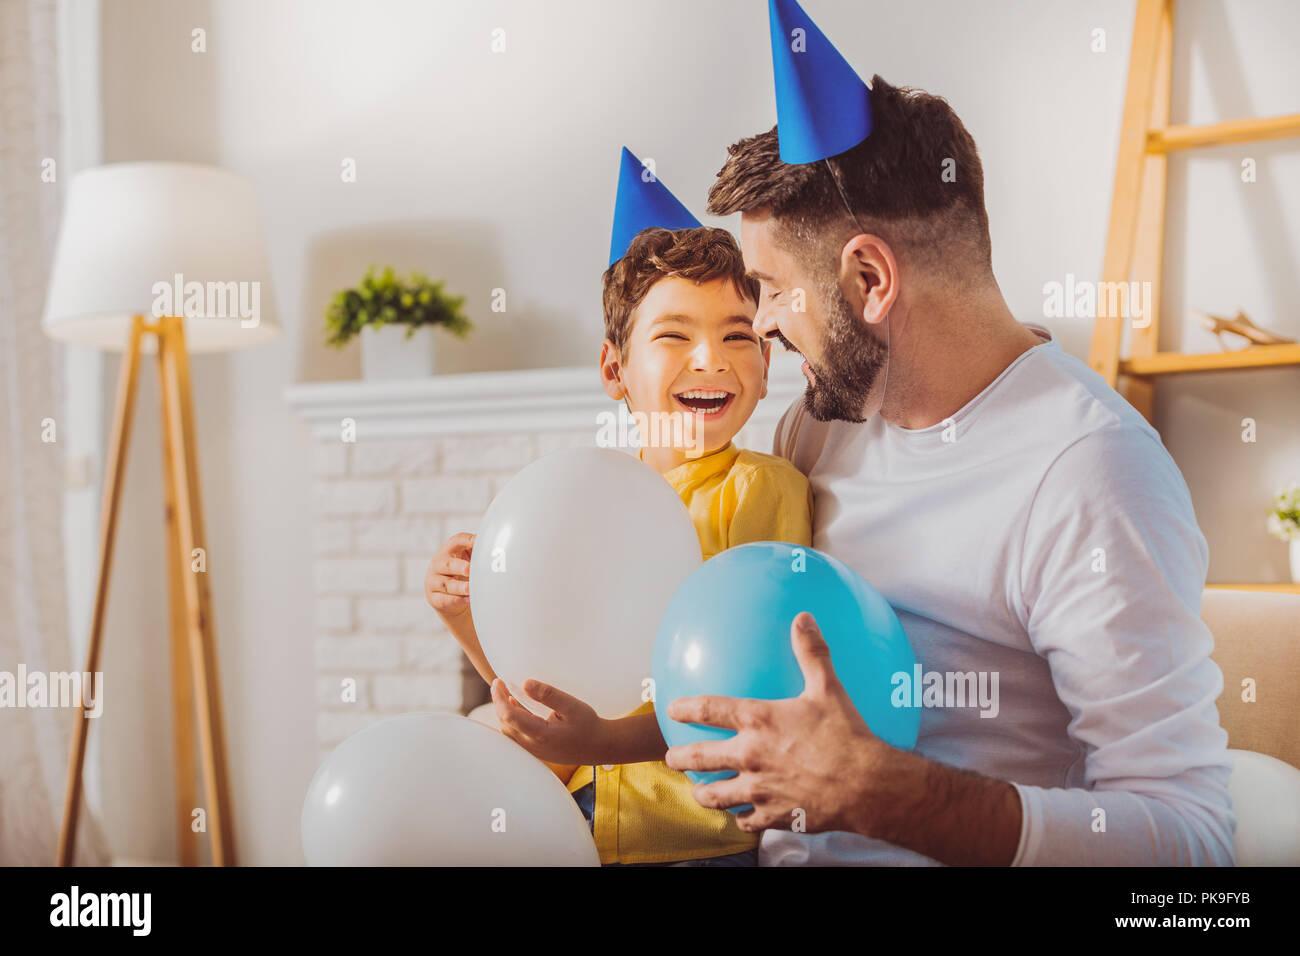 Frohe charmante junge und Mann Spaß mit Luftballons Stockbild